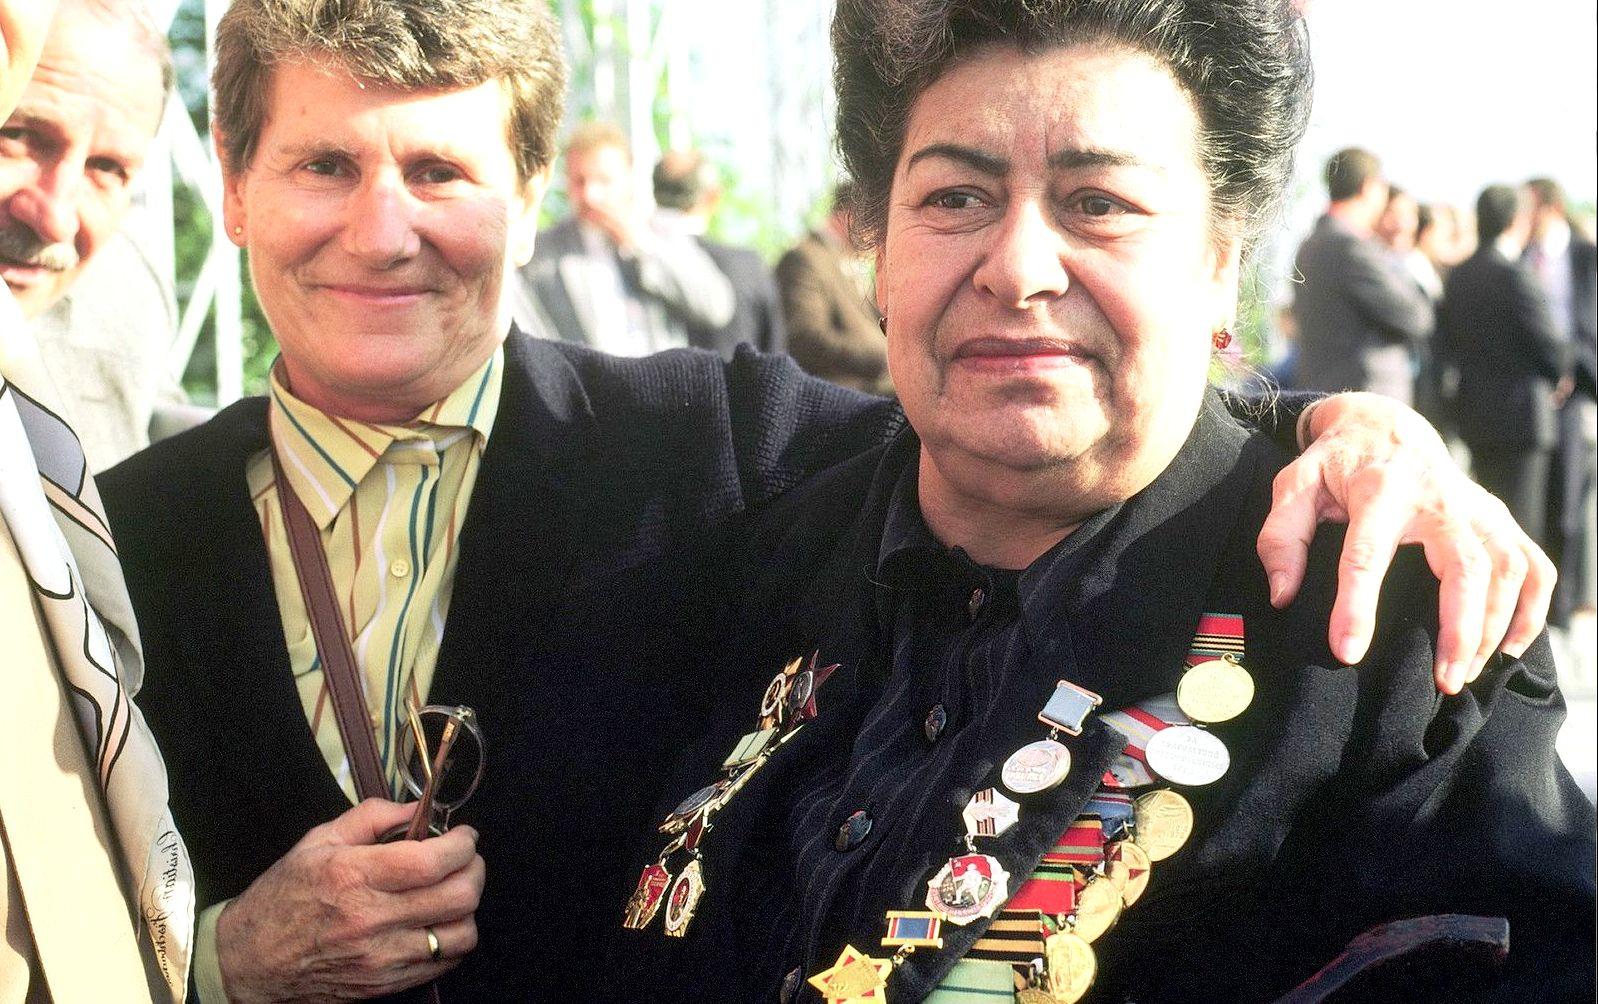 Ташкент. Первомай  Она была на войне снайпером, теперь министр сельского хозяйства